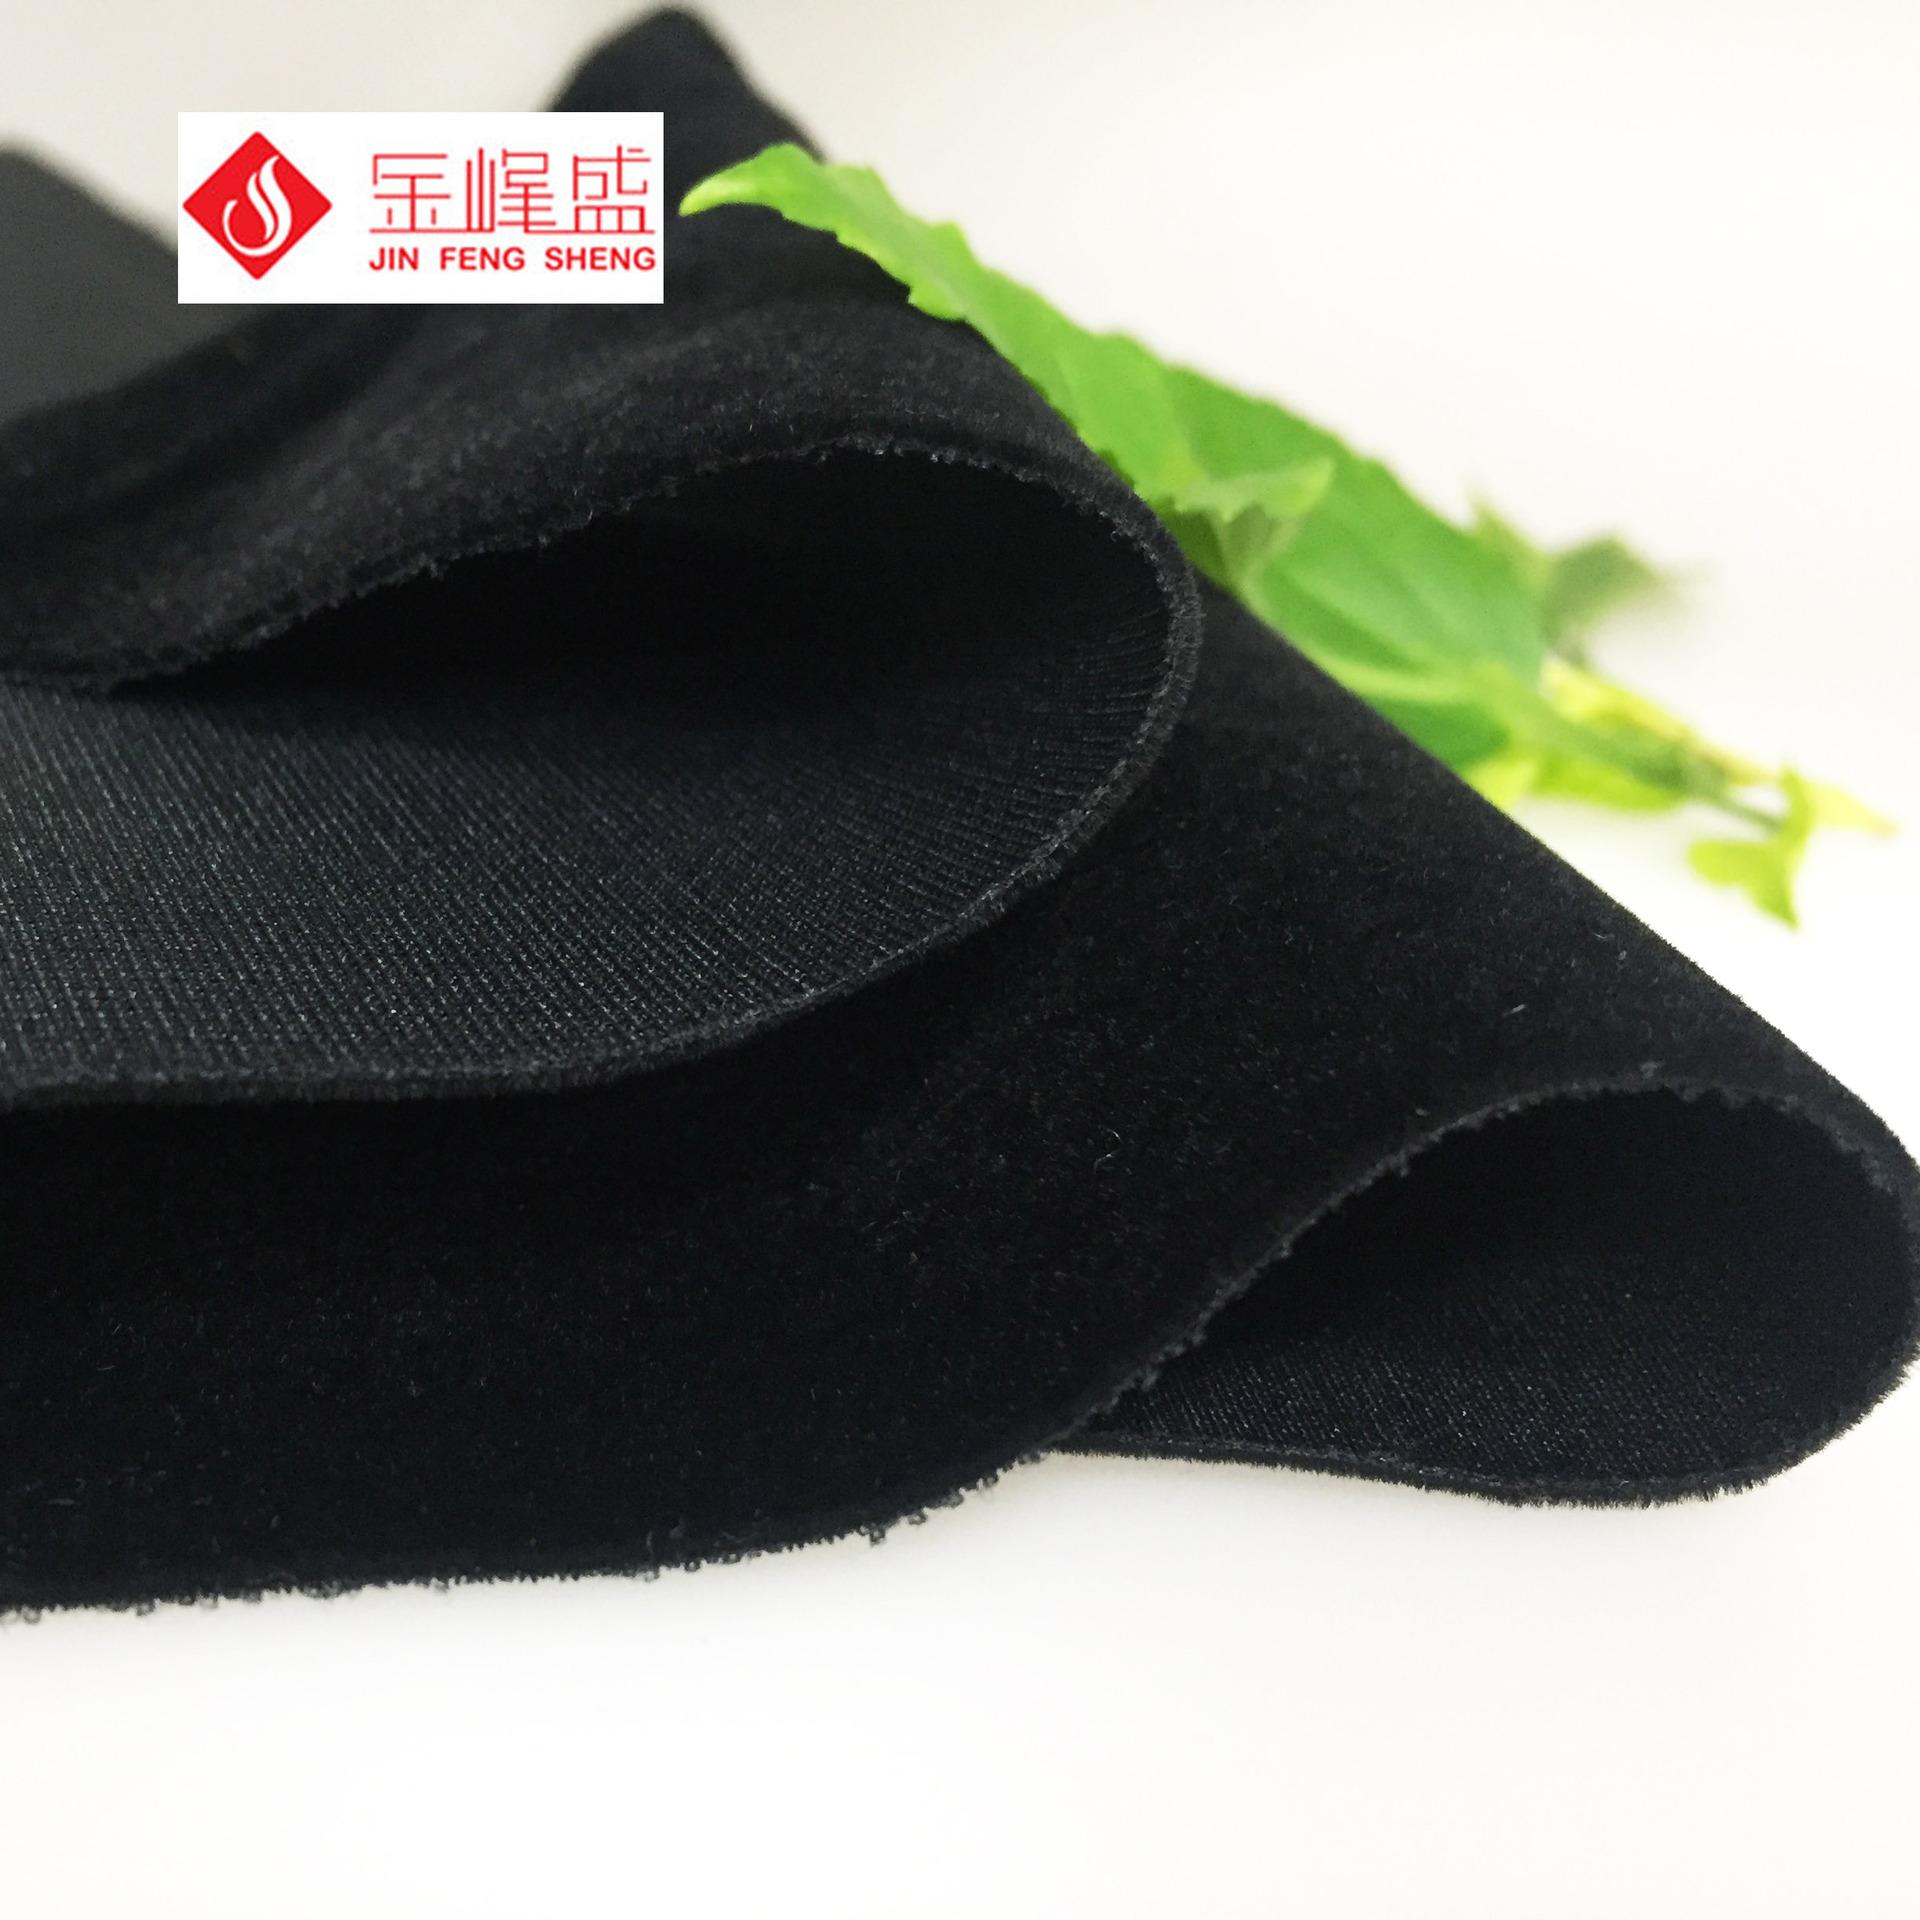 包装植绒布,黑色绒布,长毛绒布